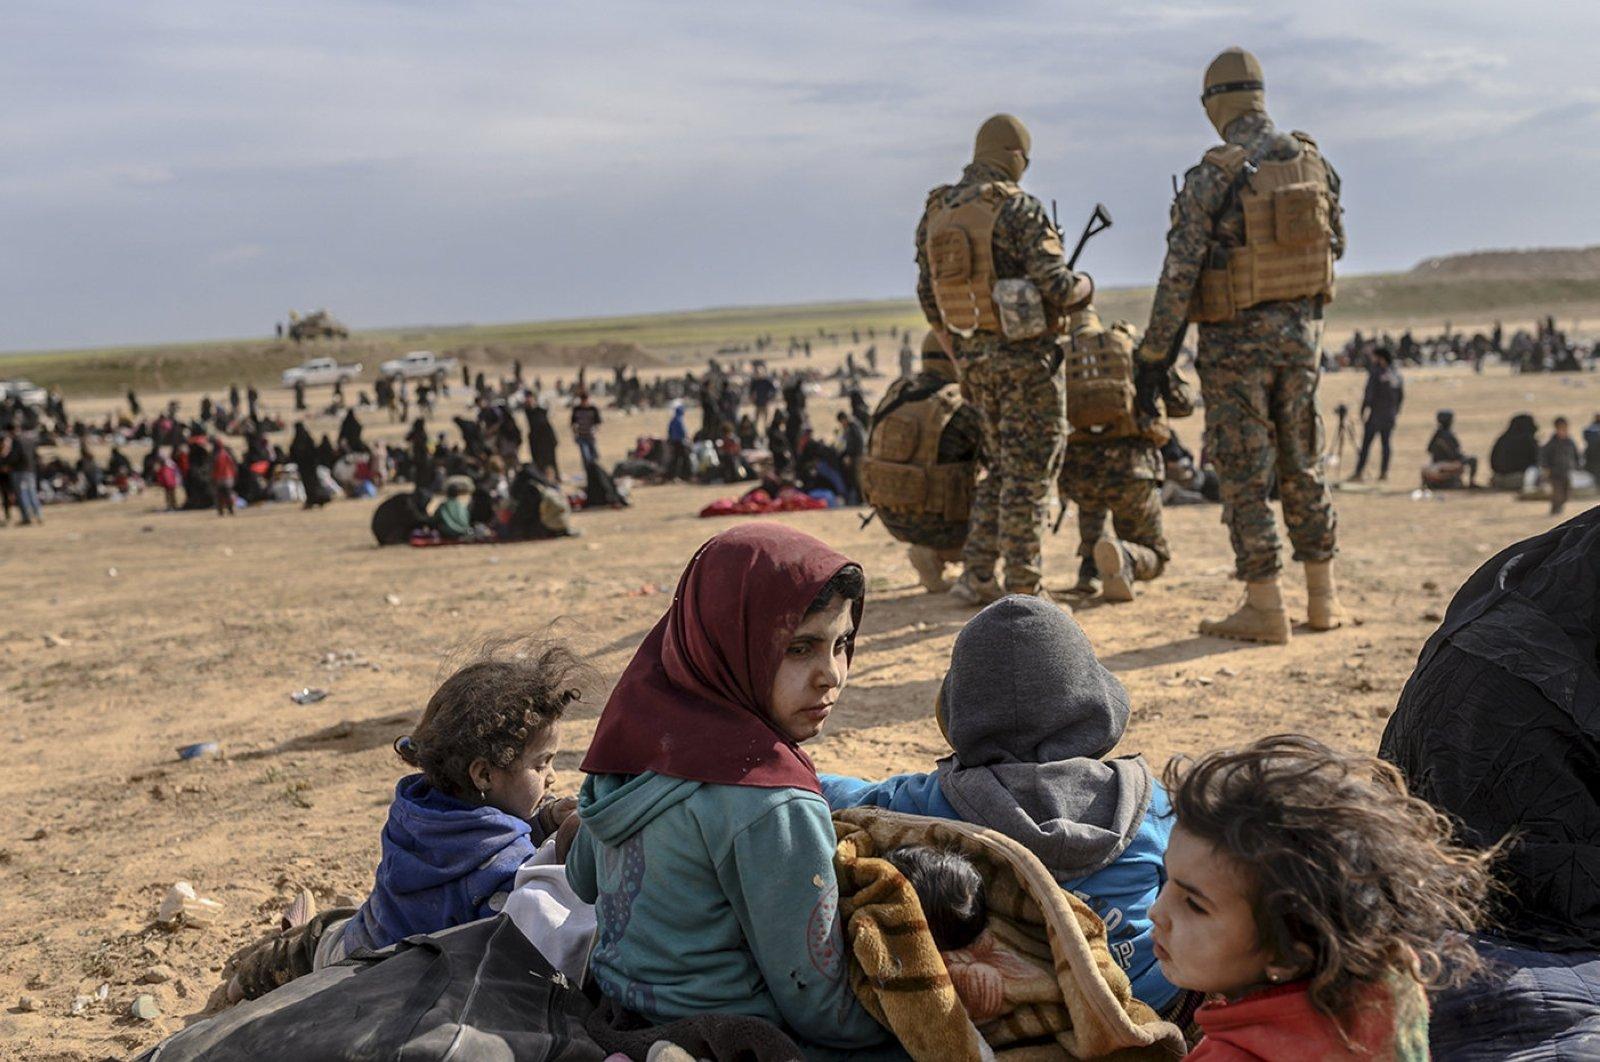 Arab tribes demand end to YPG/PKK terrorist occupation in northeastern Syria